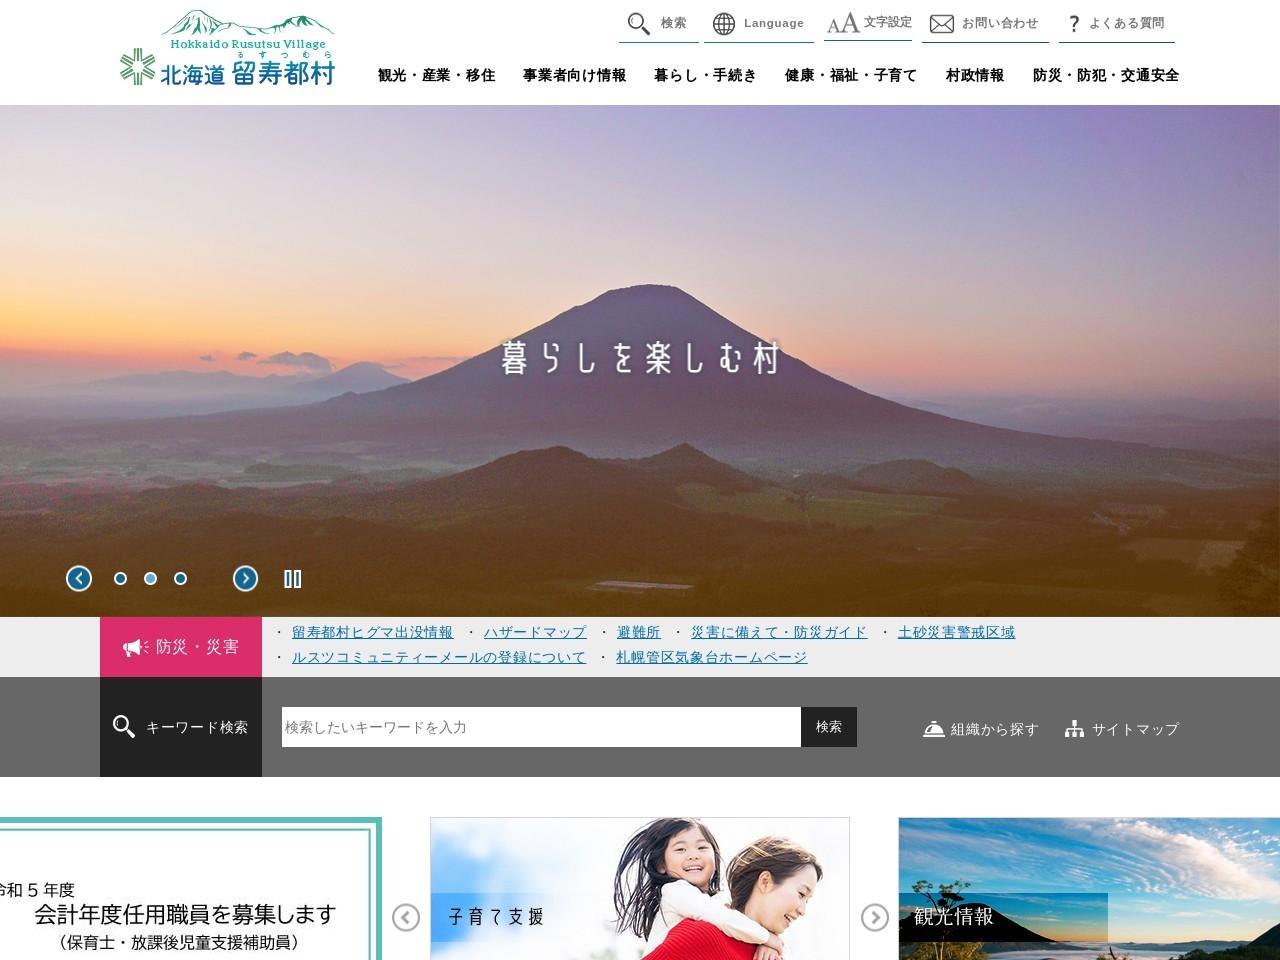 http://www.vill.rusutsu.lg.jp/hotnews/detail/00002147.html